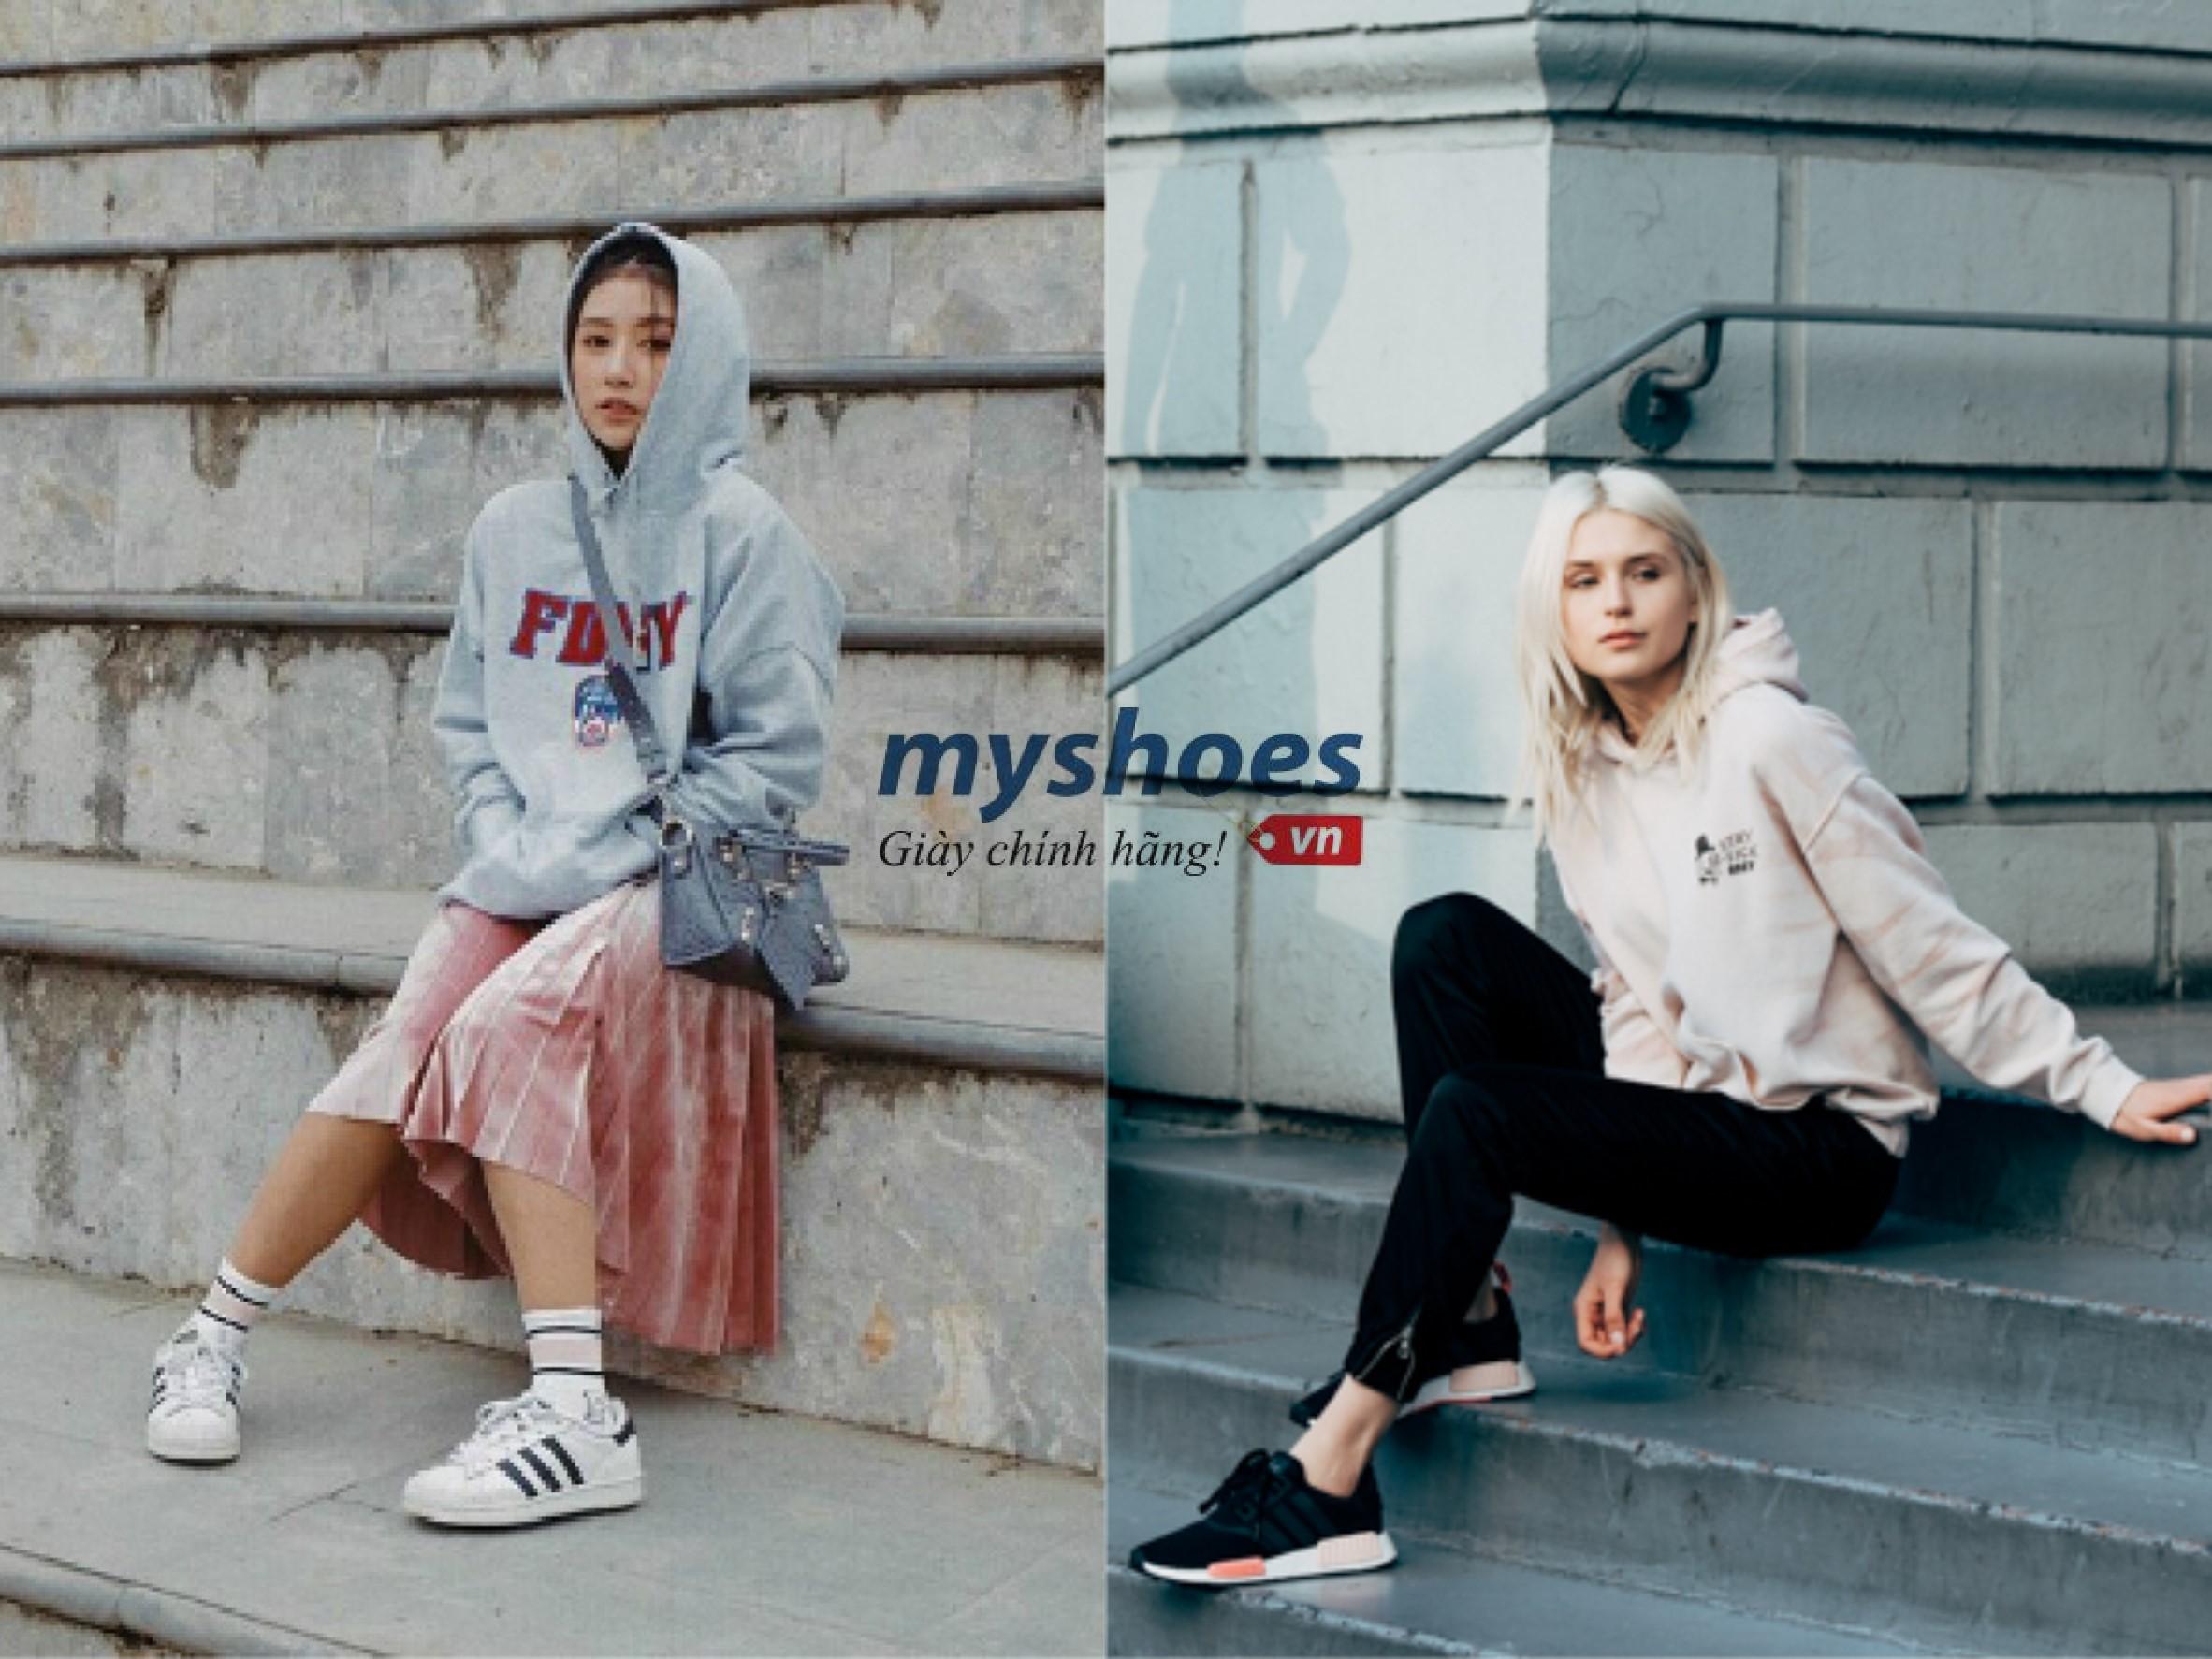 Biến hóa cùng giày adidas trong phong cách của sao